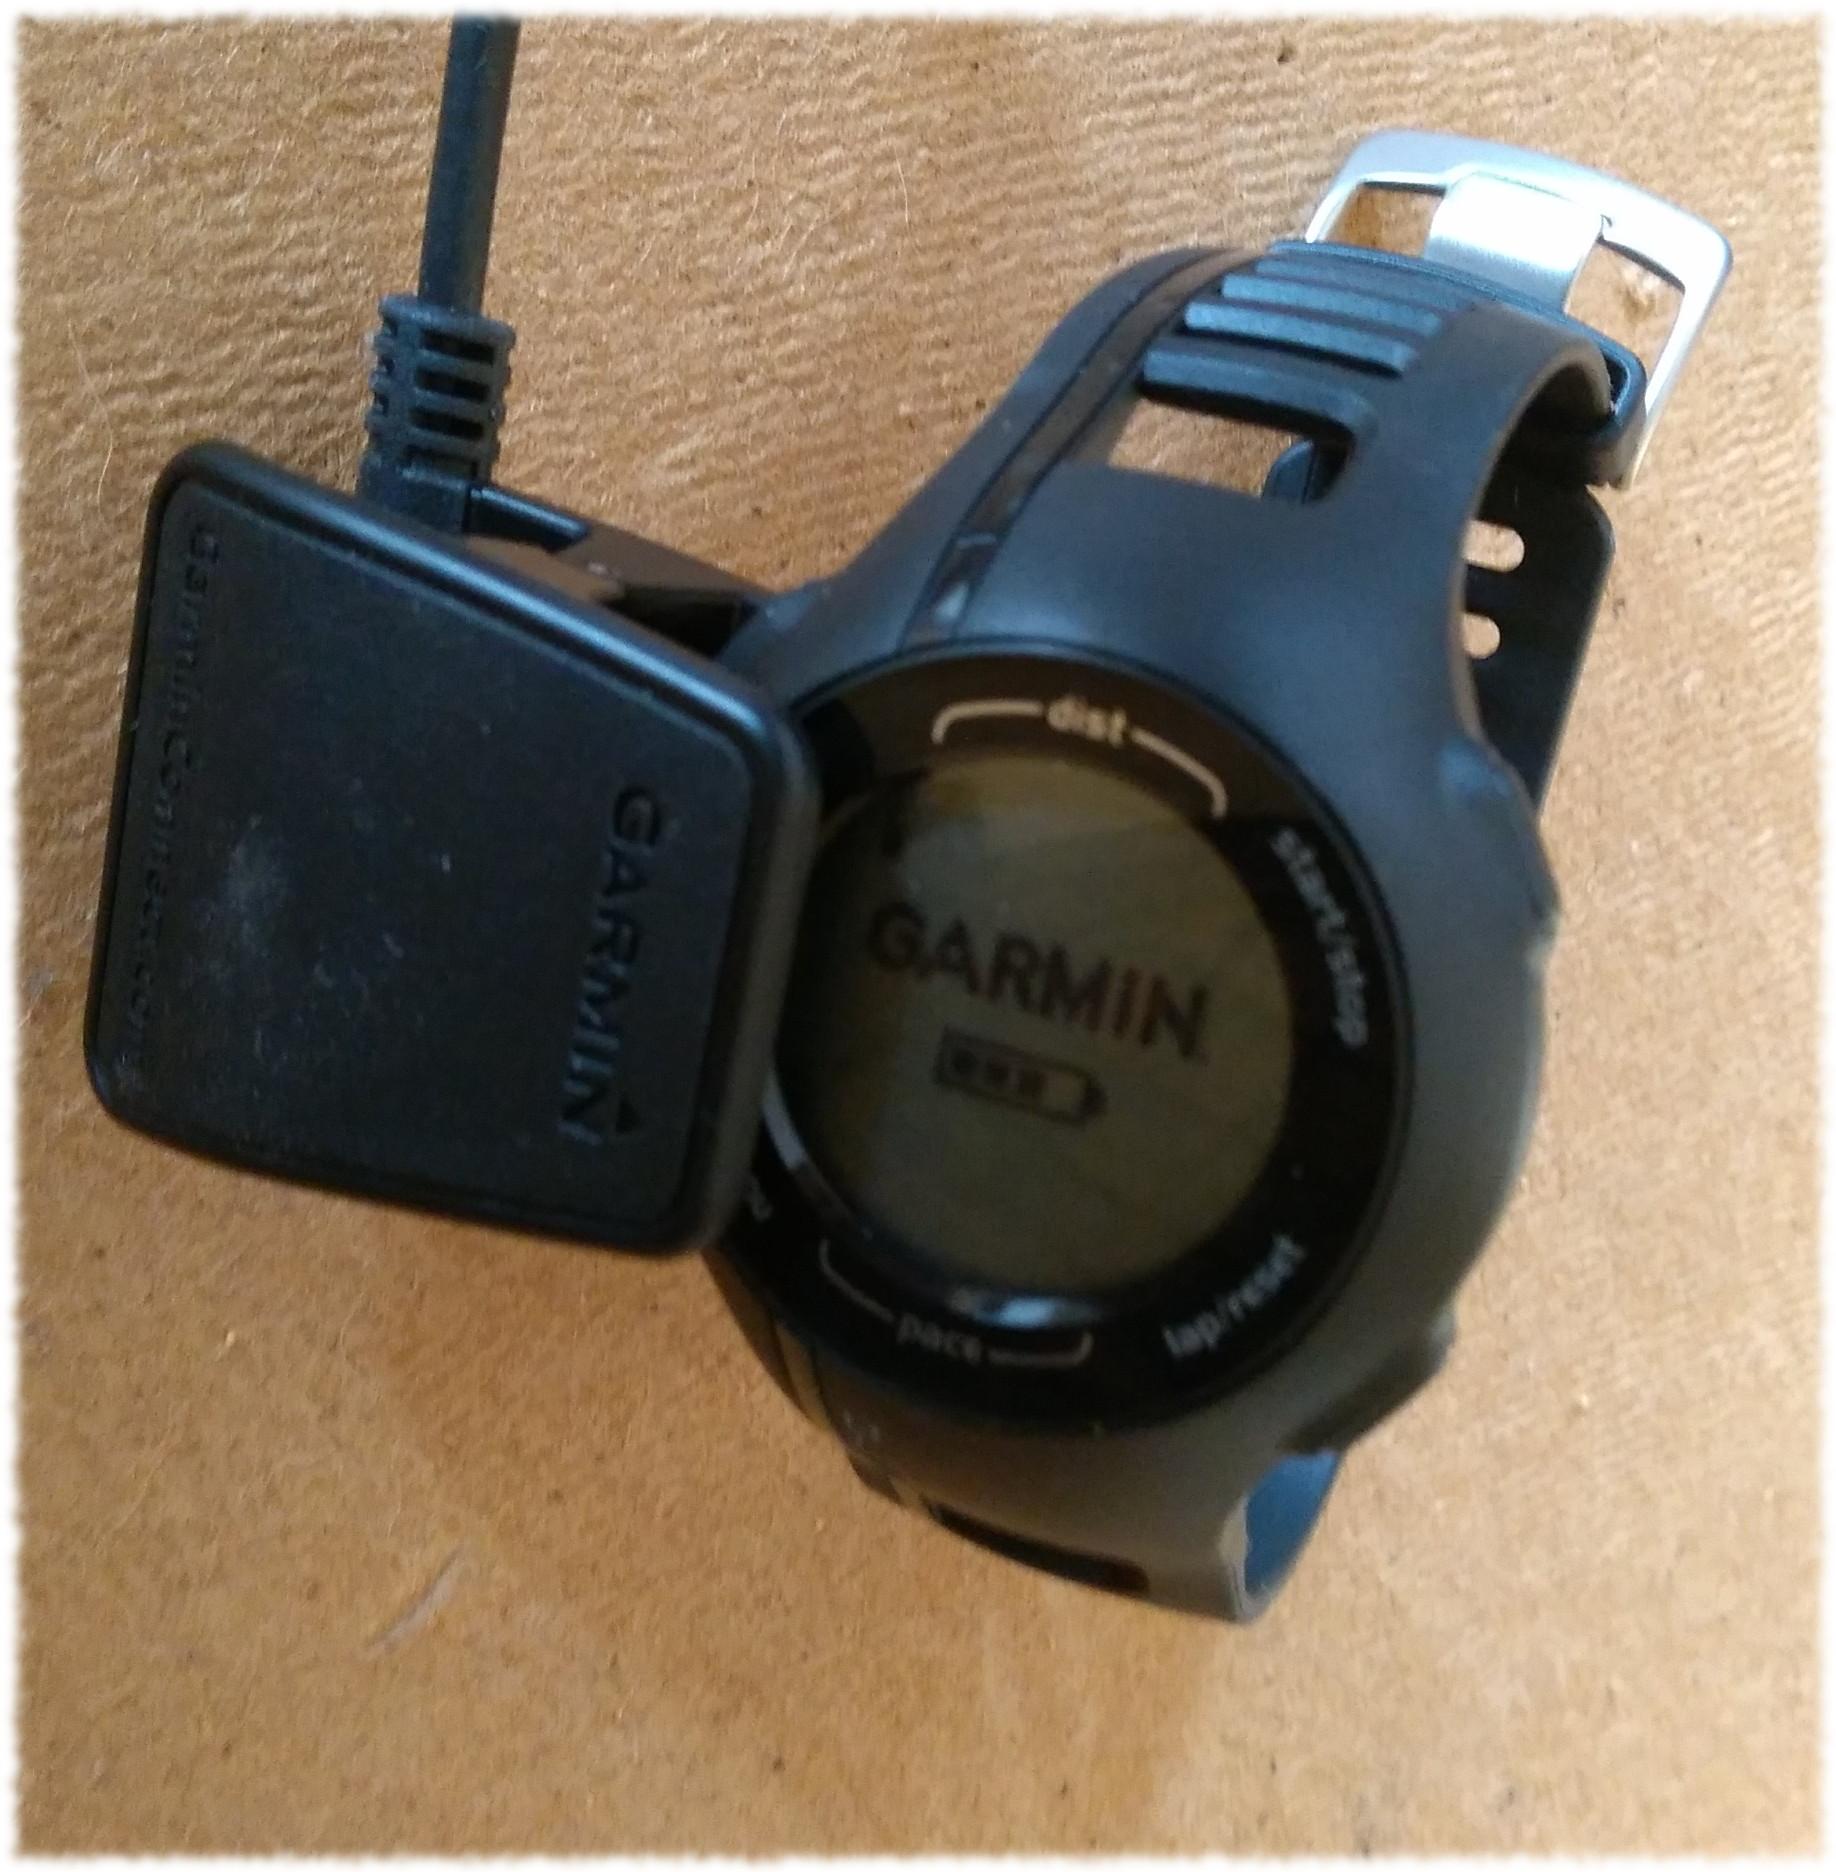 GPS-Pulsuhr Garmin Forerunner 210 an der Ladestation.